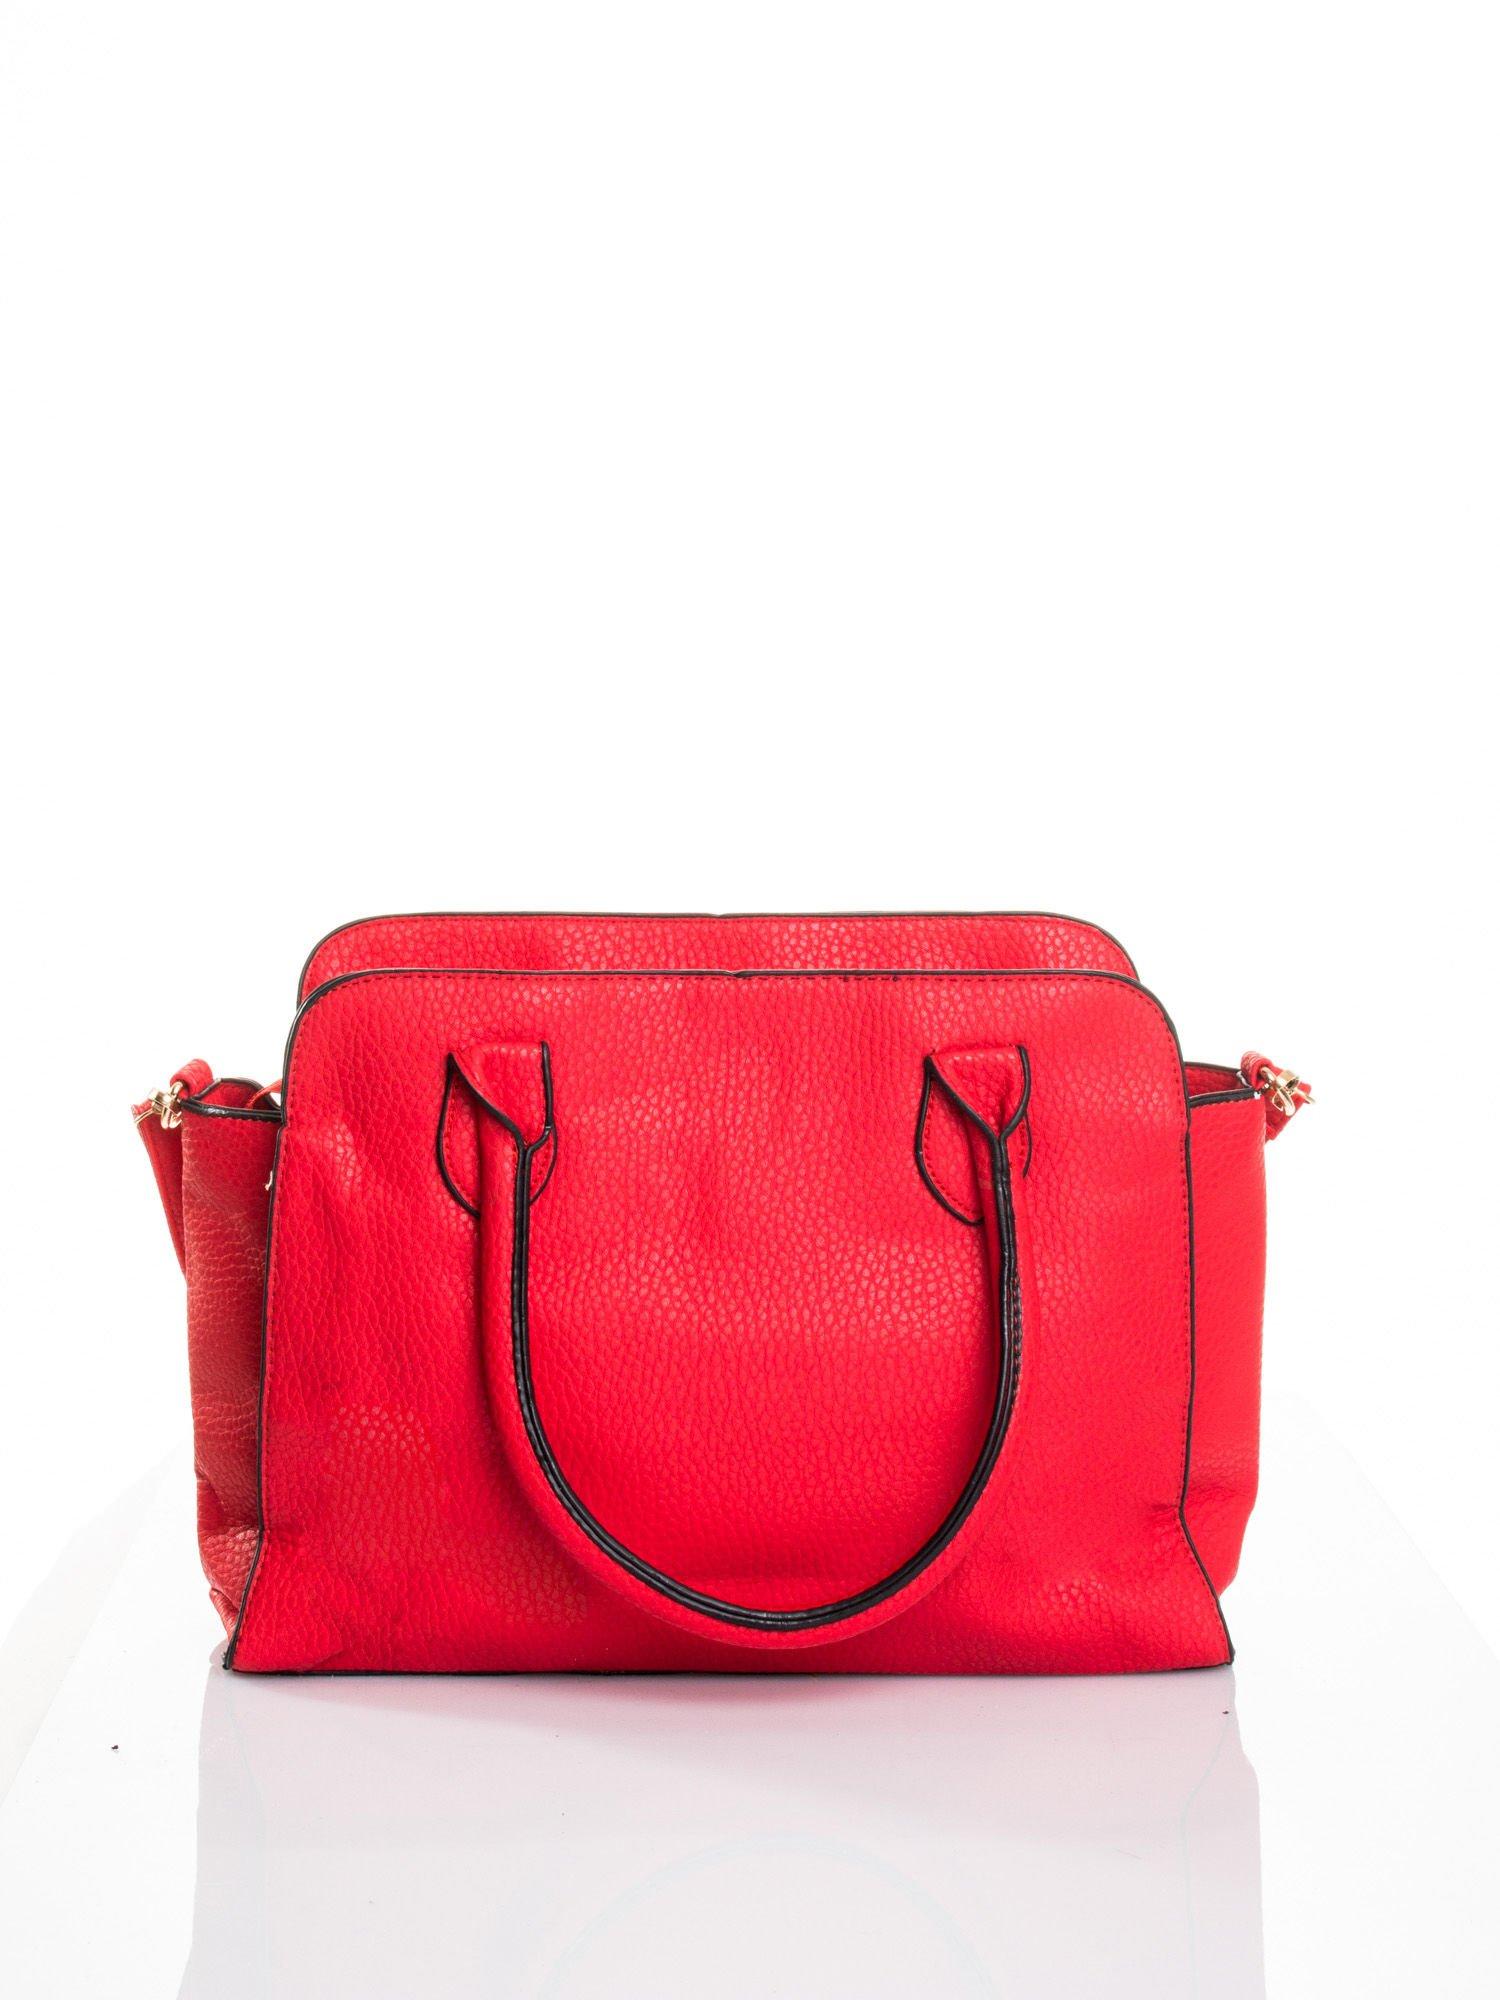 Czerwona torba z klamrami z odpinanym paskiem                                  zdj.                                  2